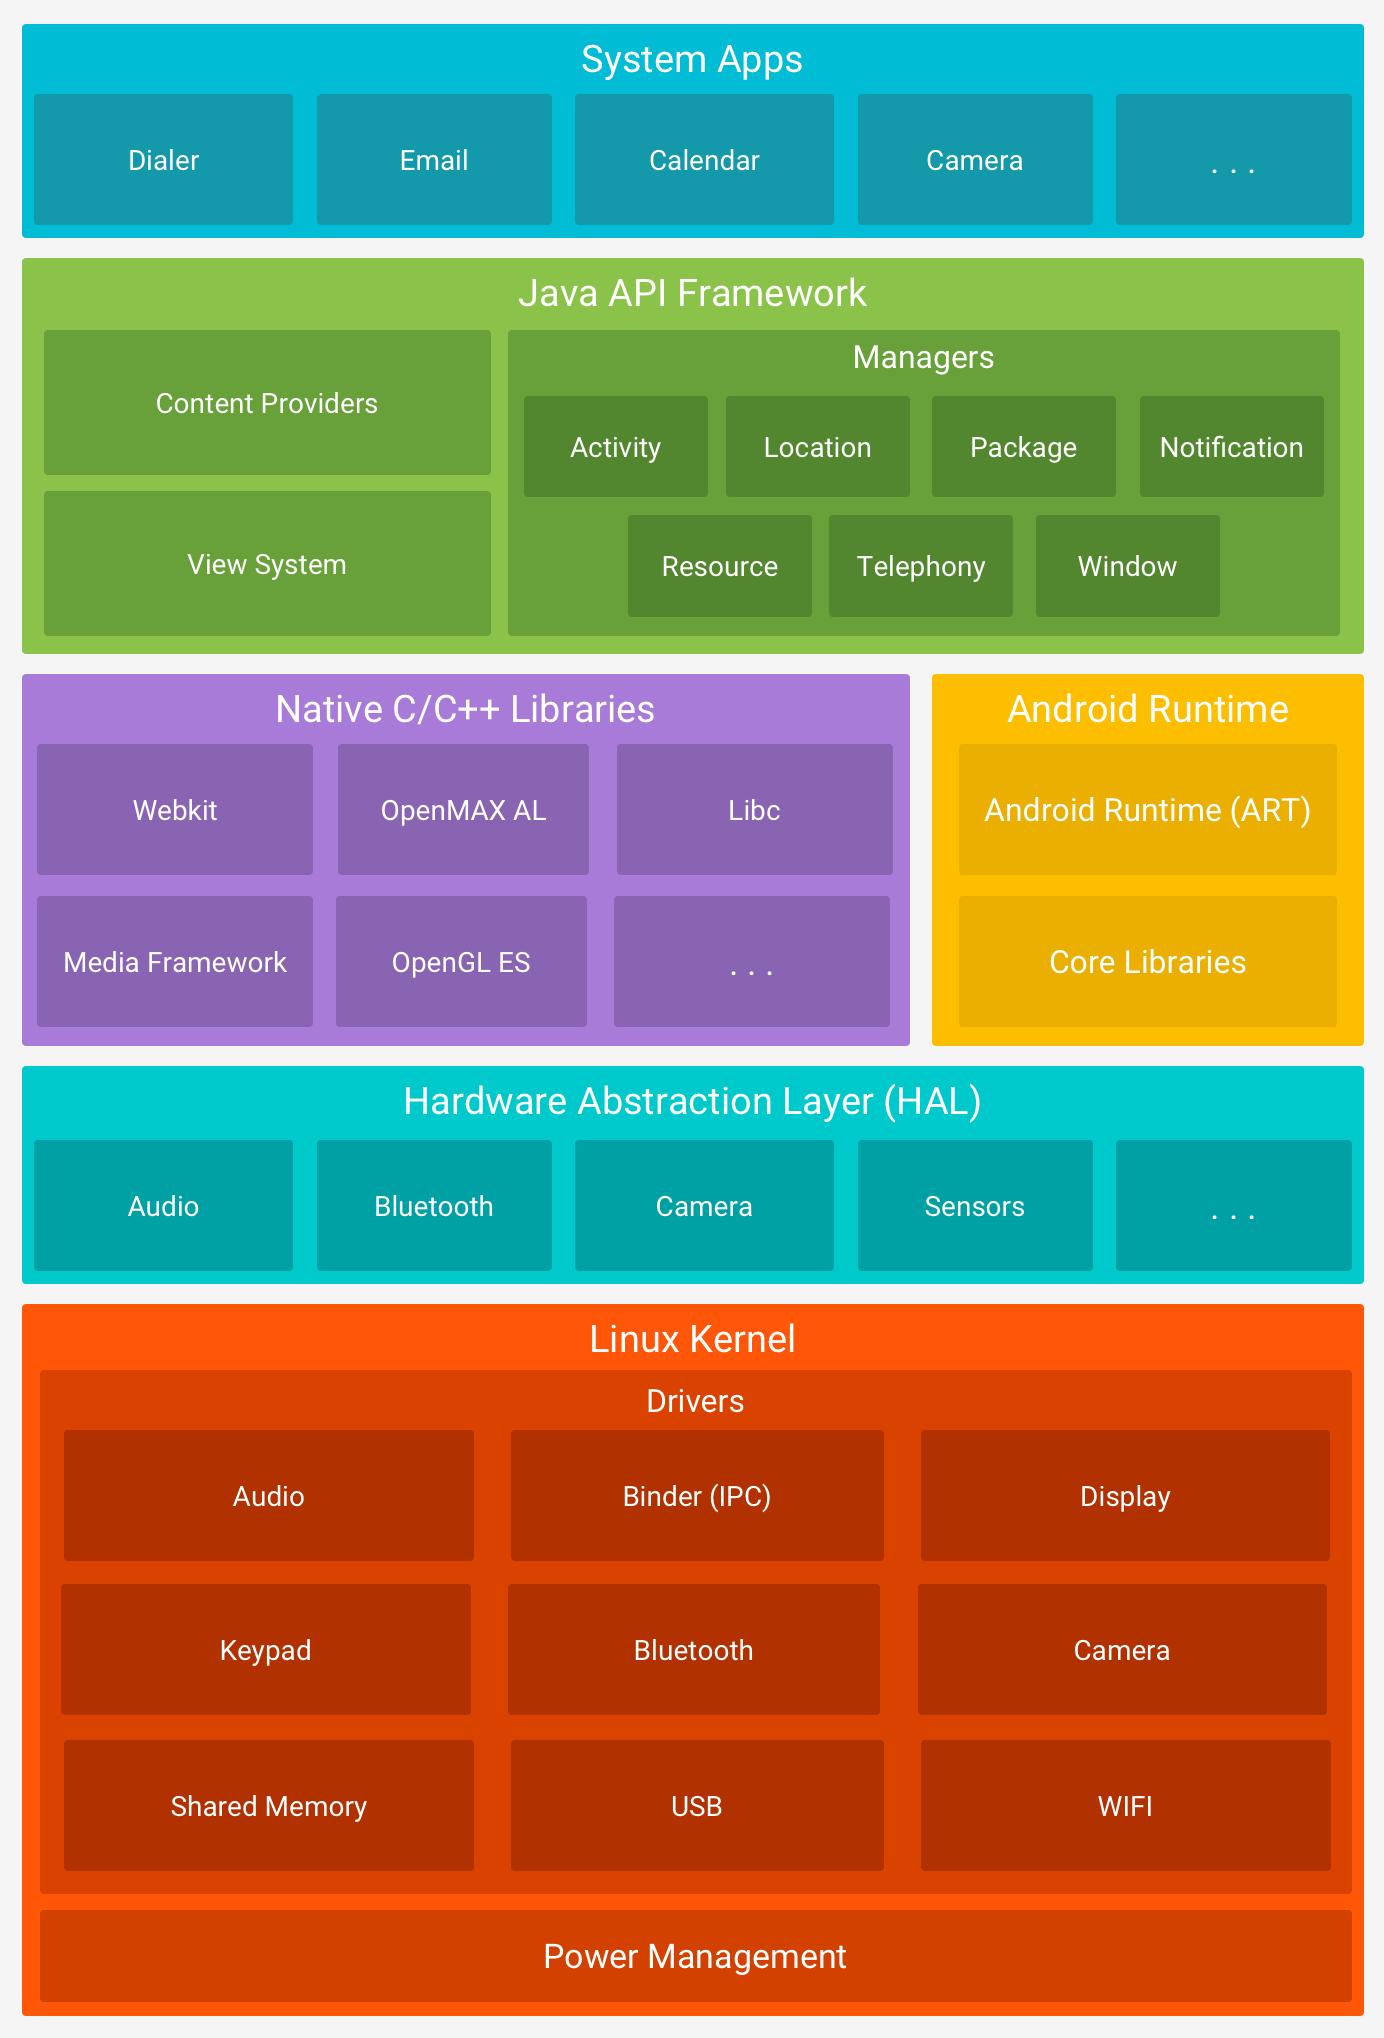 Pila de software de Android